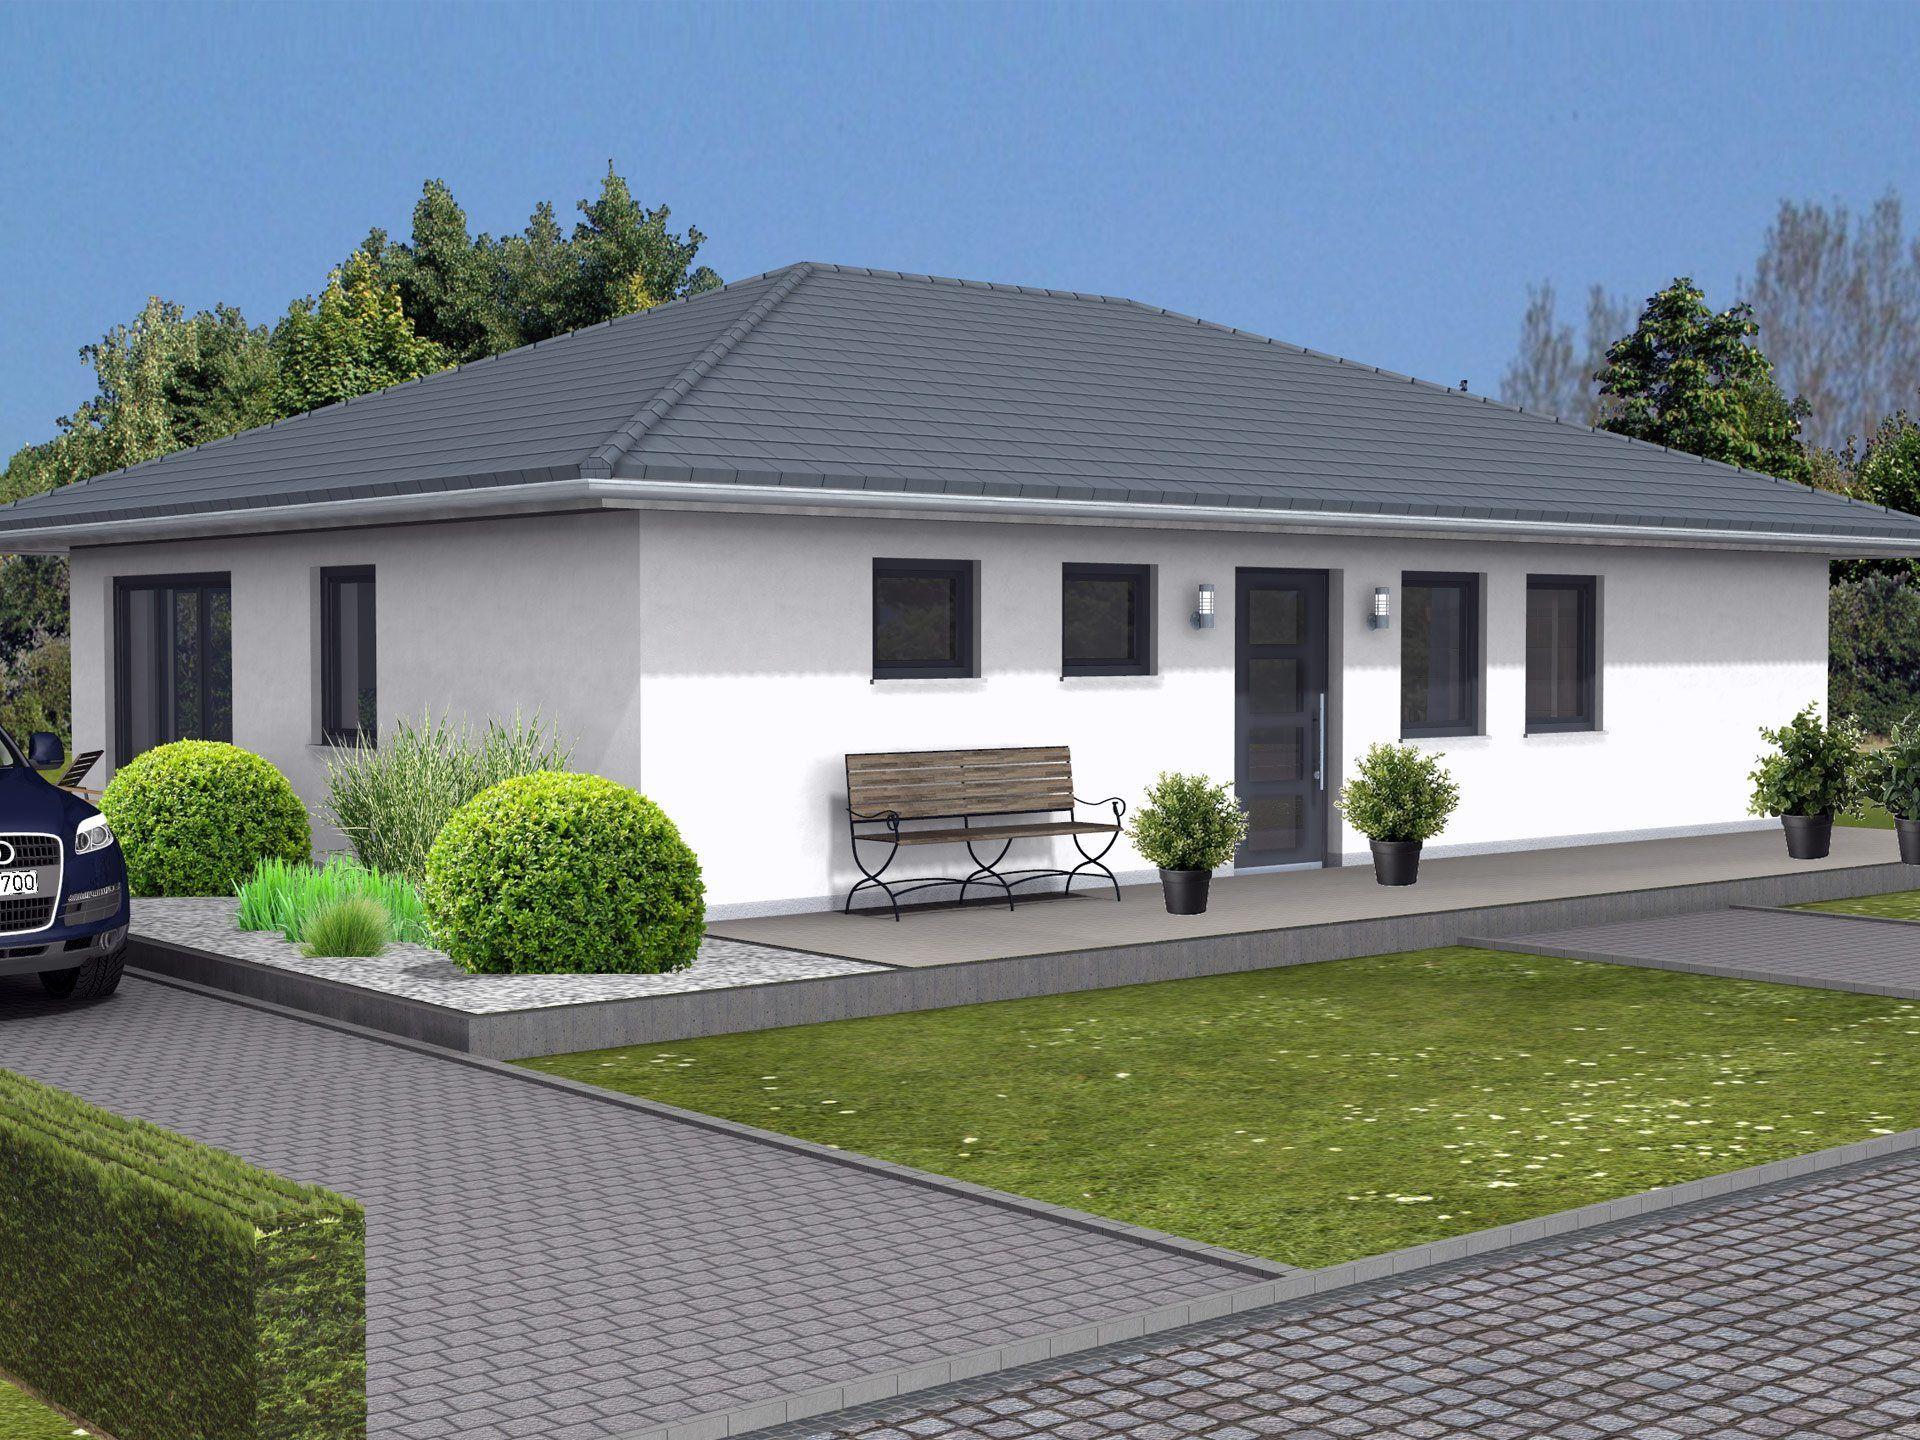 Bungalow K 91 von Ytong Bausatzhaus Bungalow, Ytong